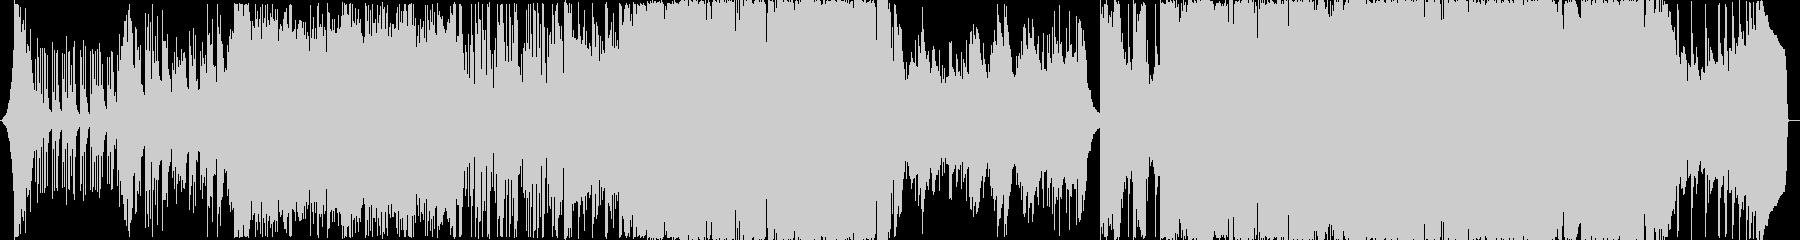 エモーショナルなエピックフューチャベースの未再生の波形